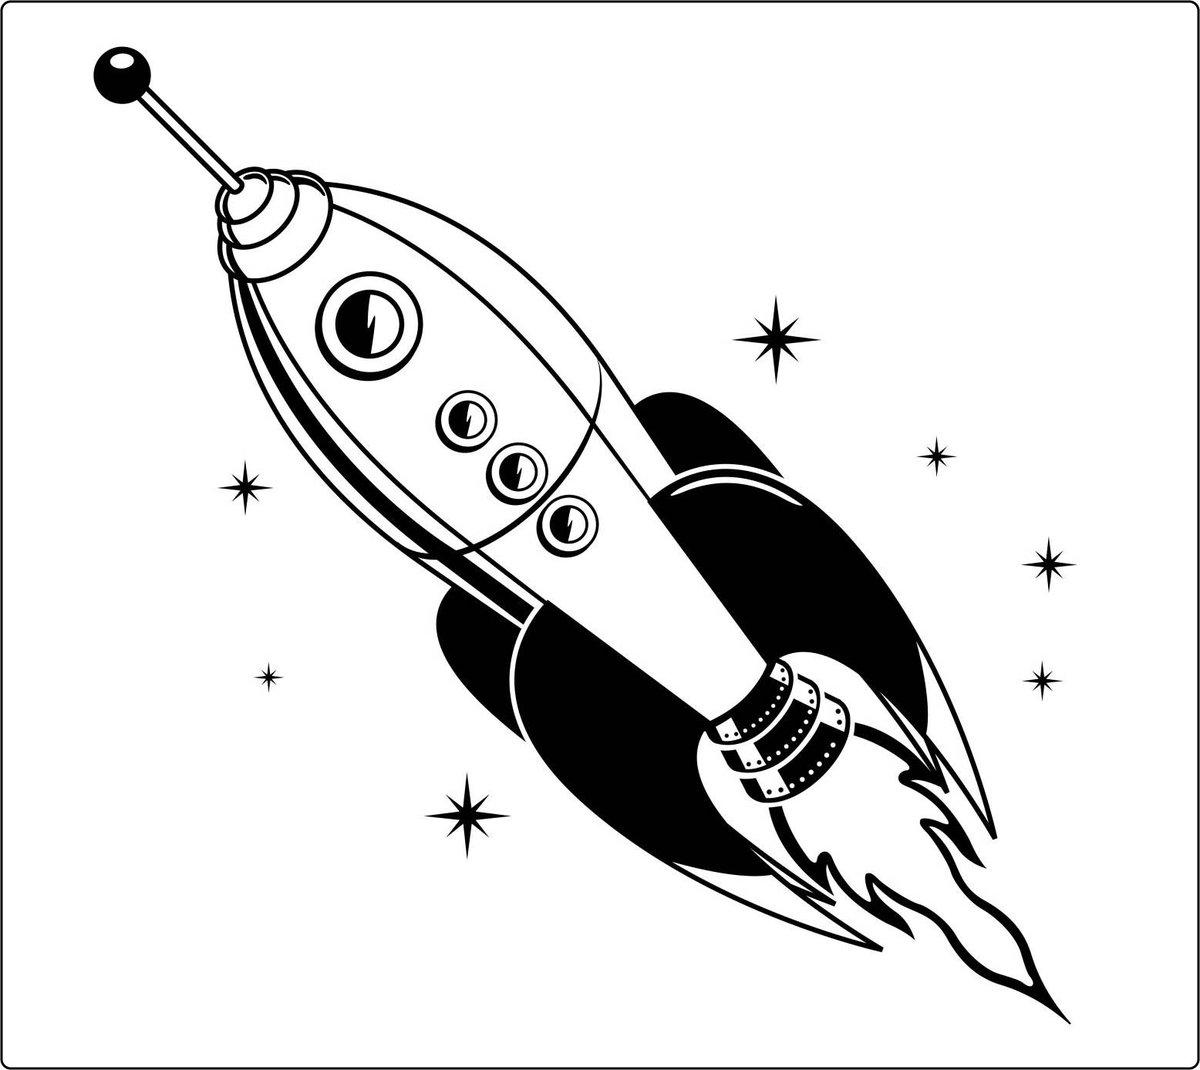 черно-белые картинки для распечатки ракеты возможное количество